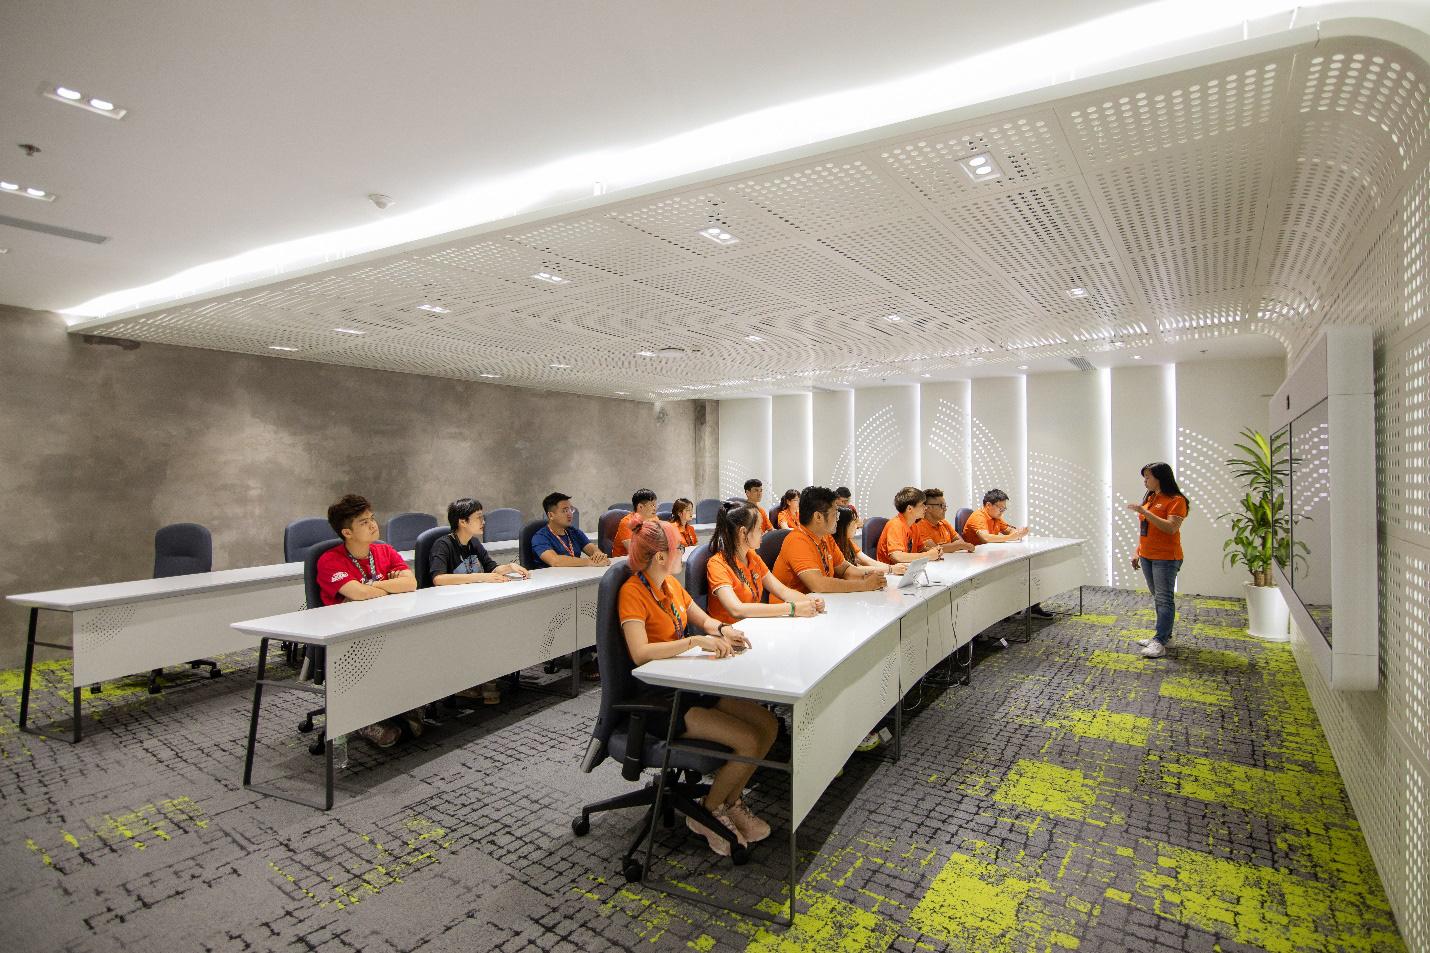 Tạo điều kiện phát triển tài năng và sáng tạo, FPT là nơi làm việc tốt nhất ngành công nghệ thông tin - Ảnh 2.